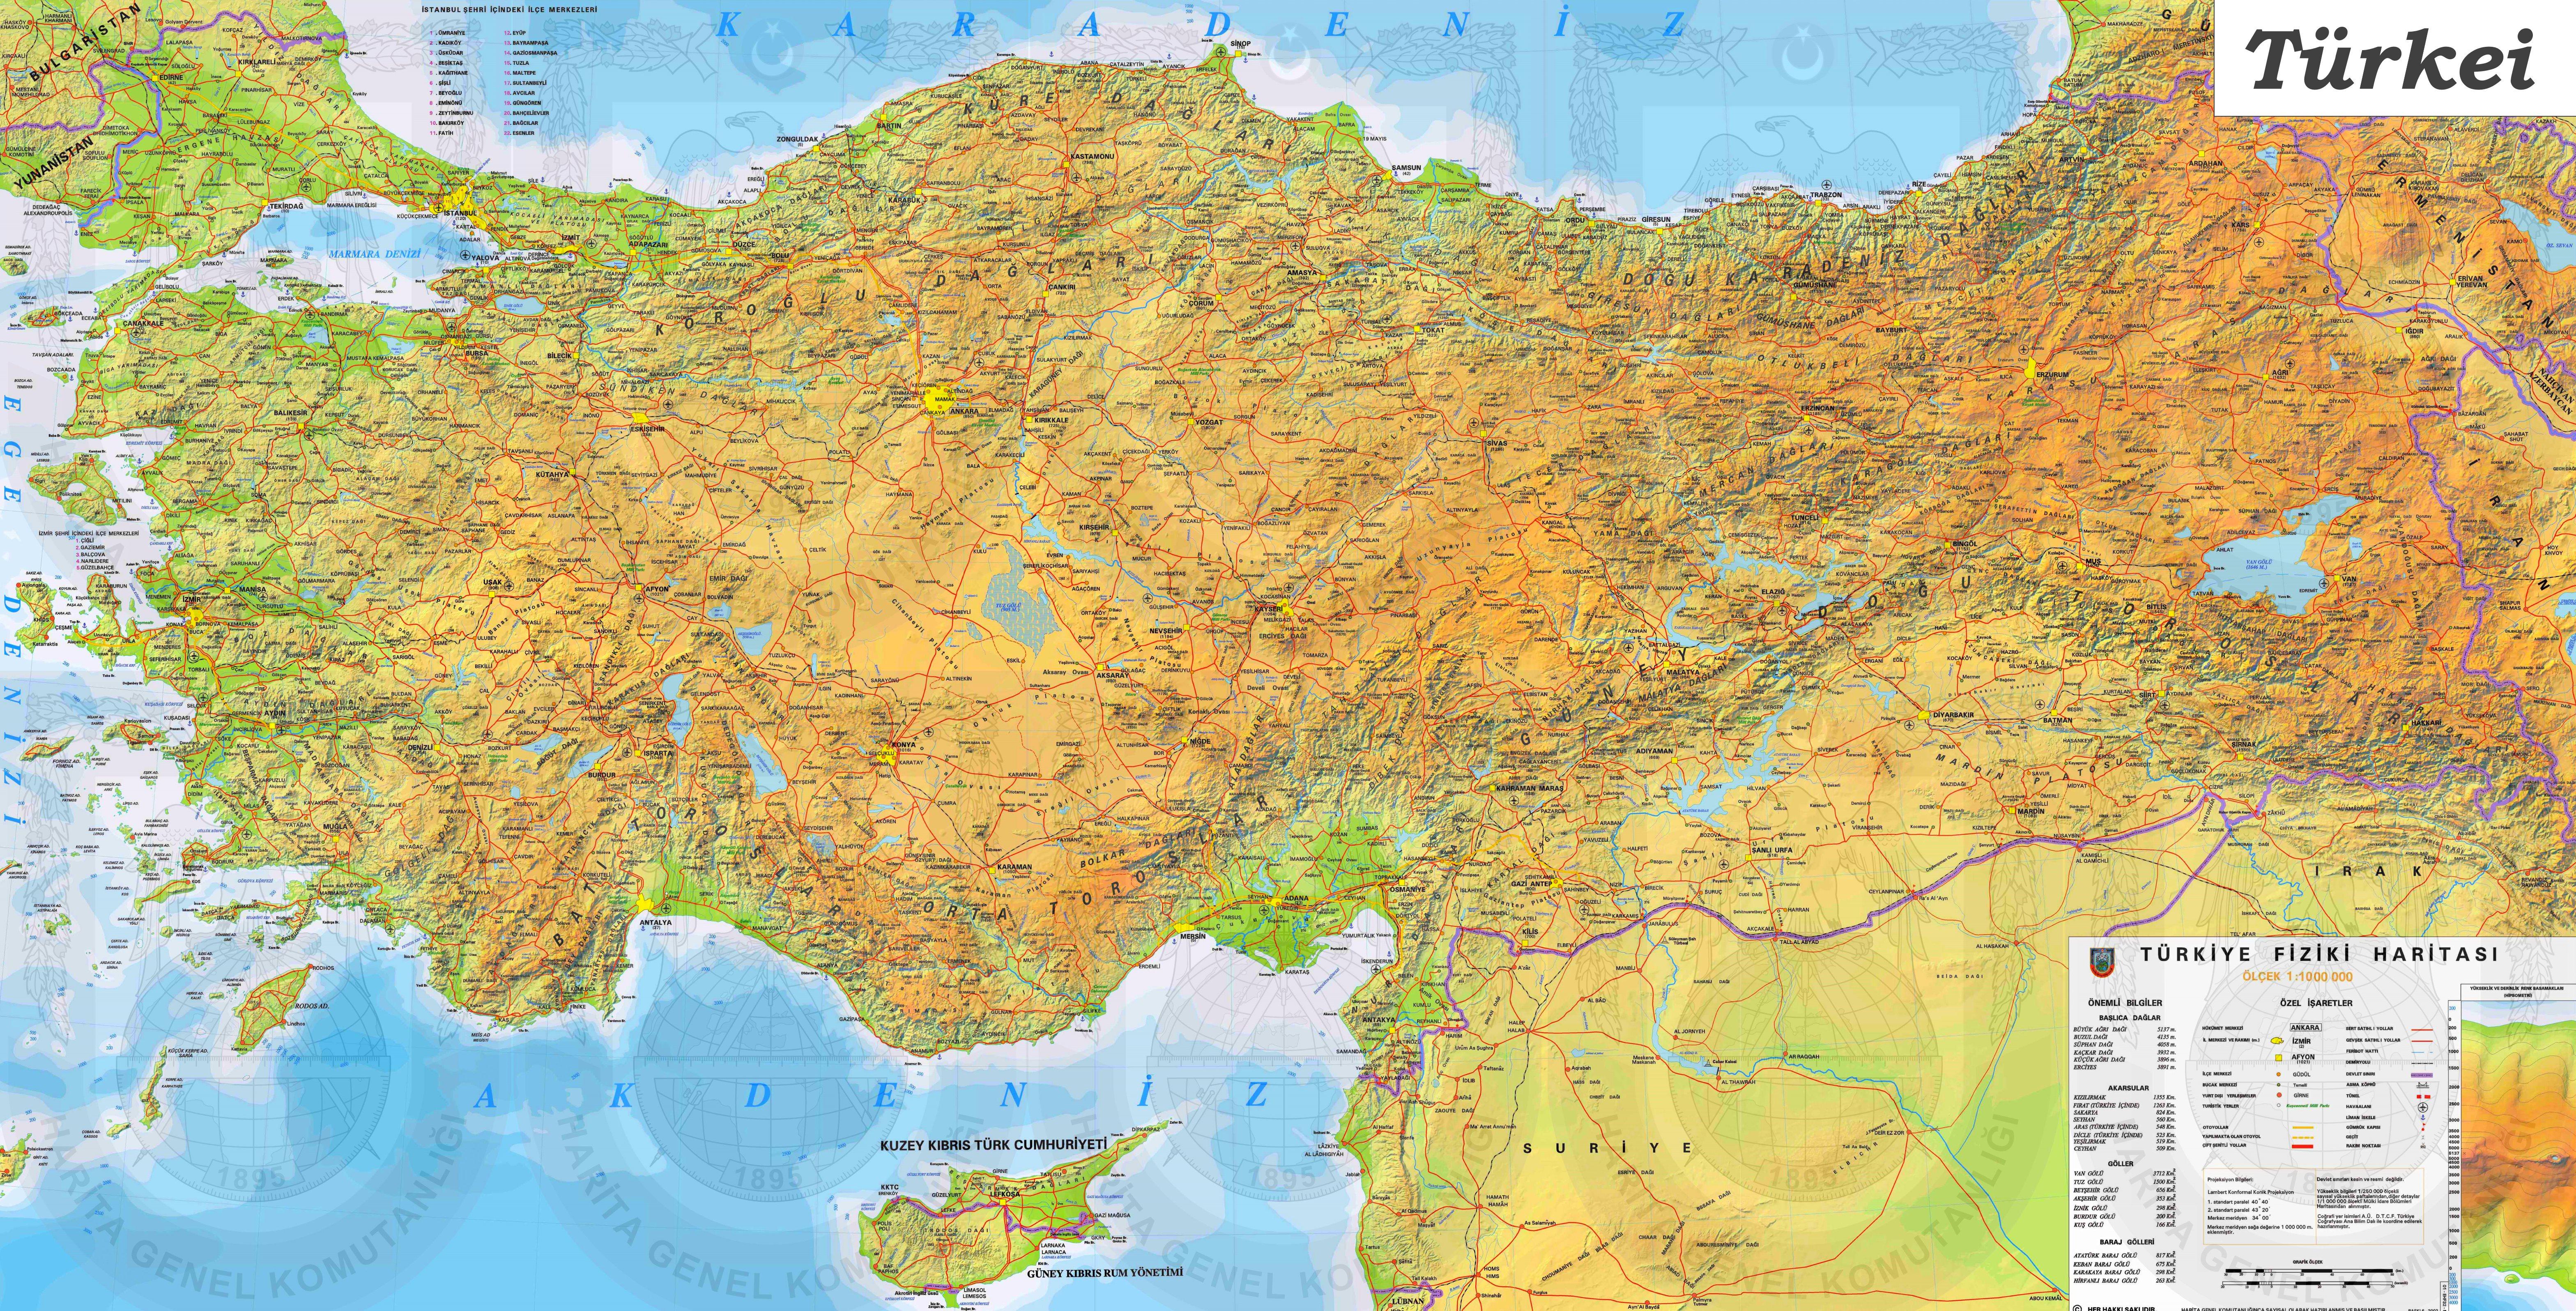 Karte Türkei.Große Detaillierte Karte Von Türkei